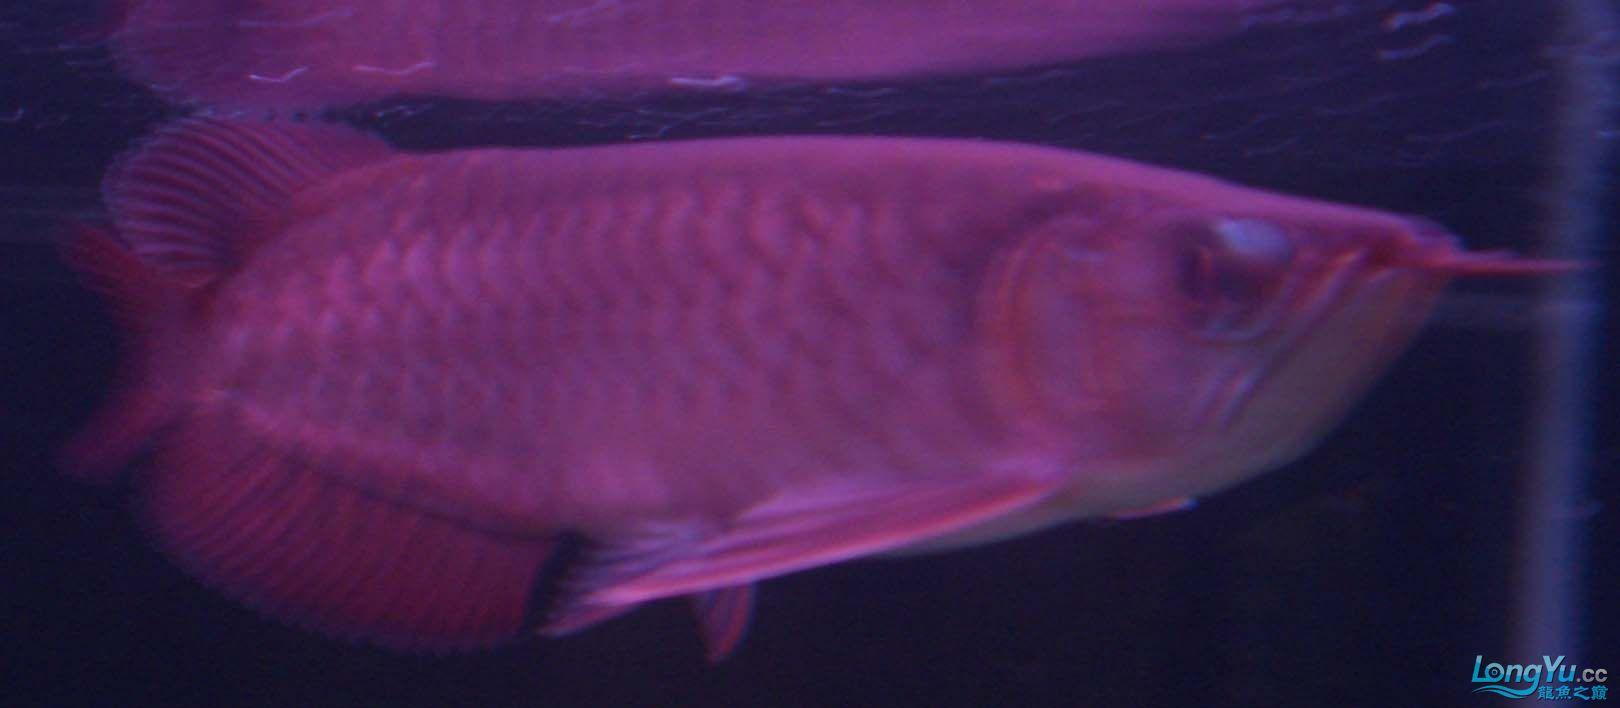 给15公分长须小超血建个档(5月7日更新——女皇大帆】23cm) 西安观赏鱼信息 西安博特第15张